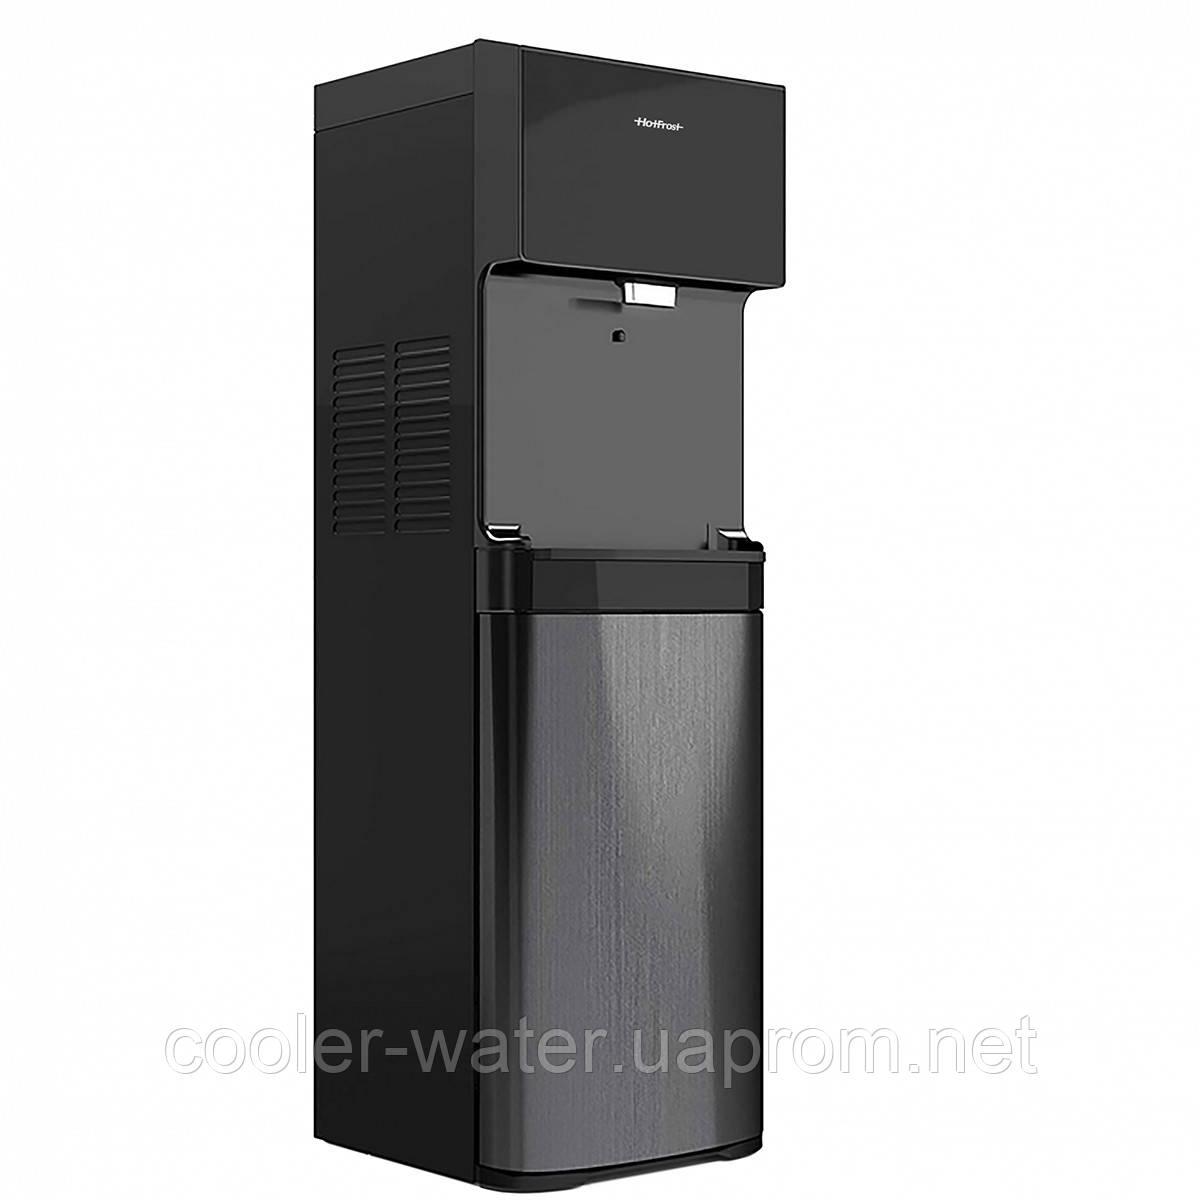 Кулер для воды HotFrost V450AMI Black с бесконтактным управлением